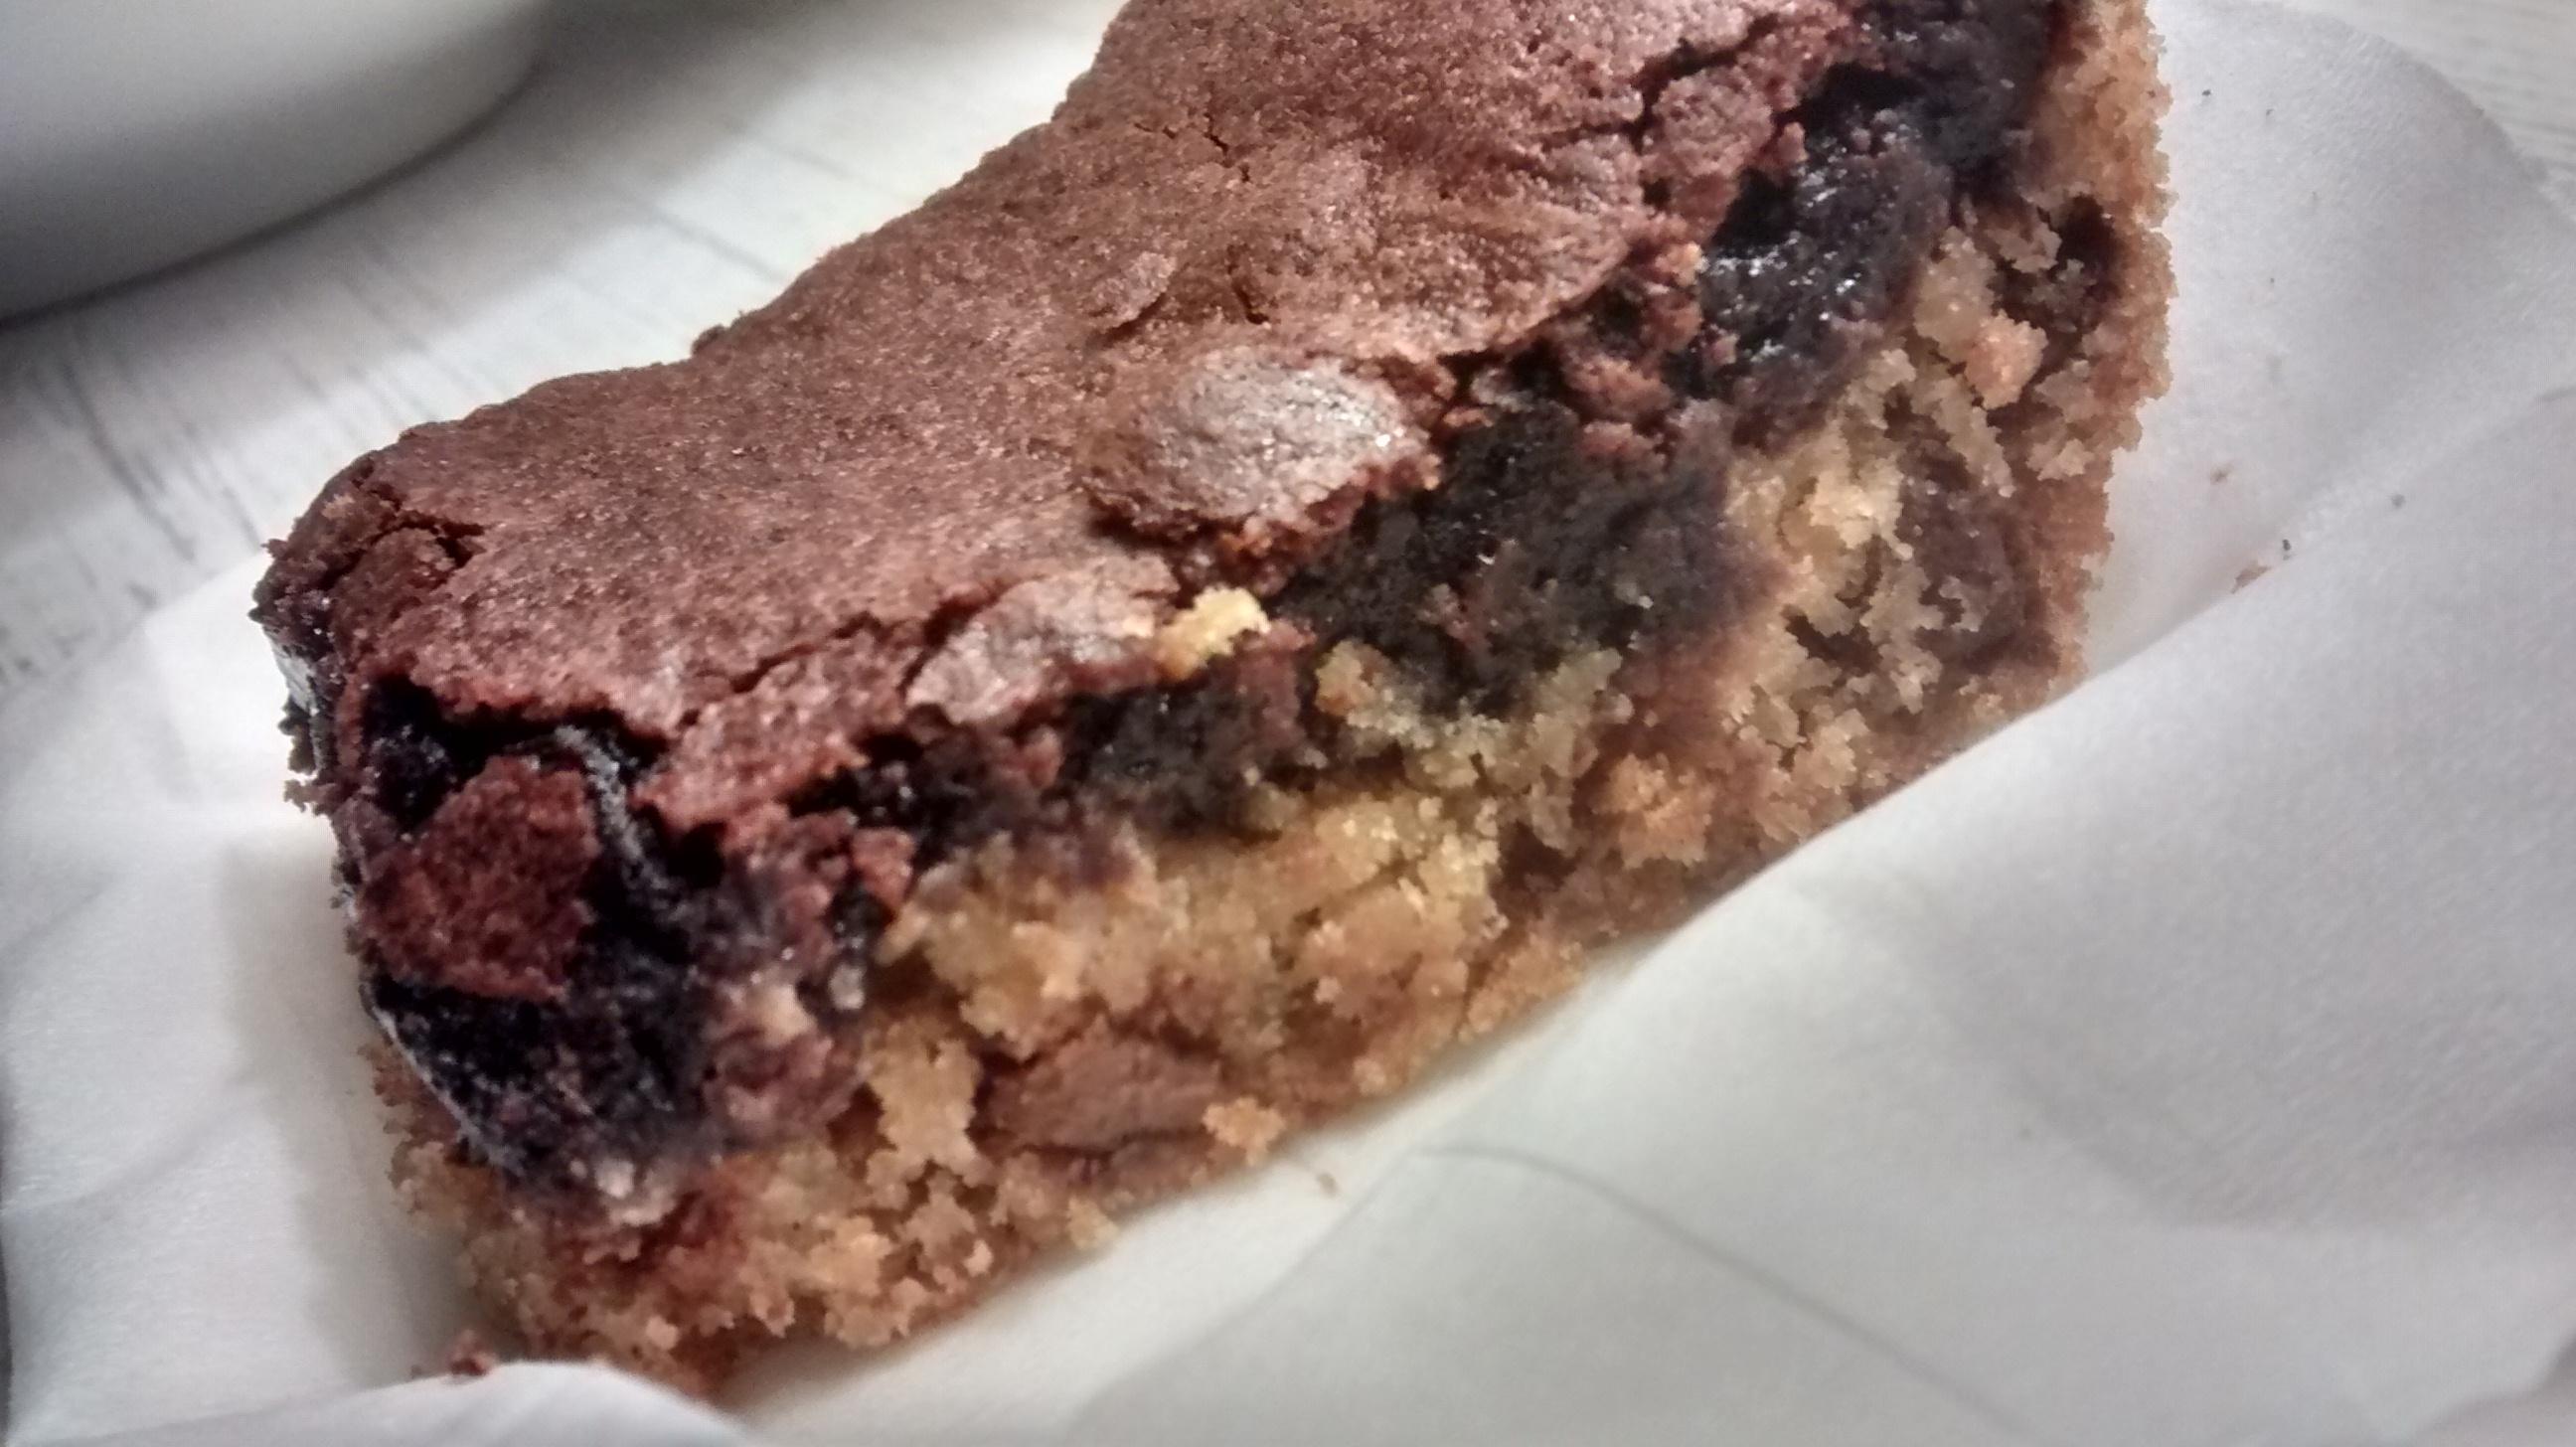 Brookies (Brownie Cookies)